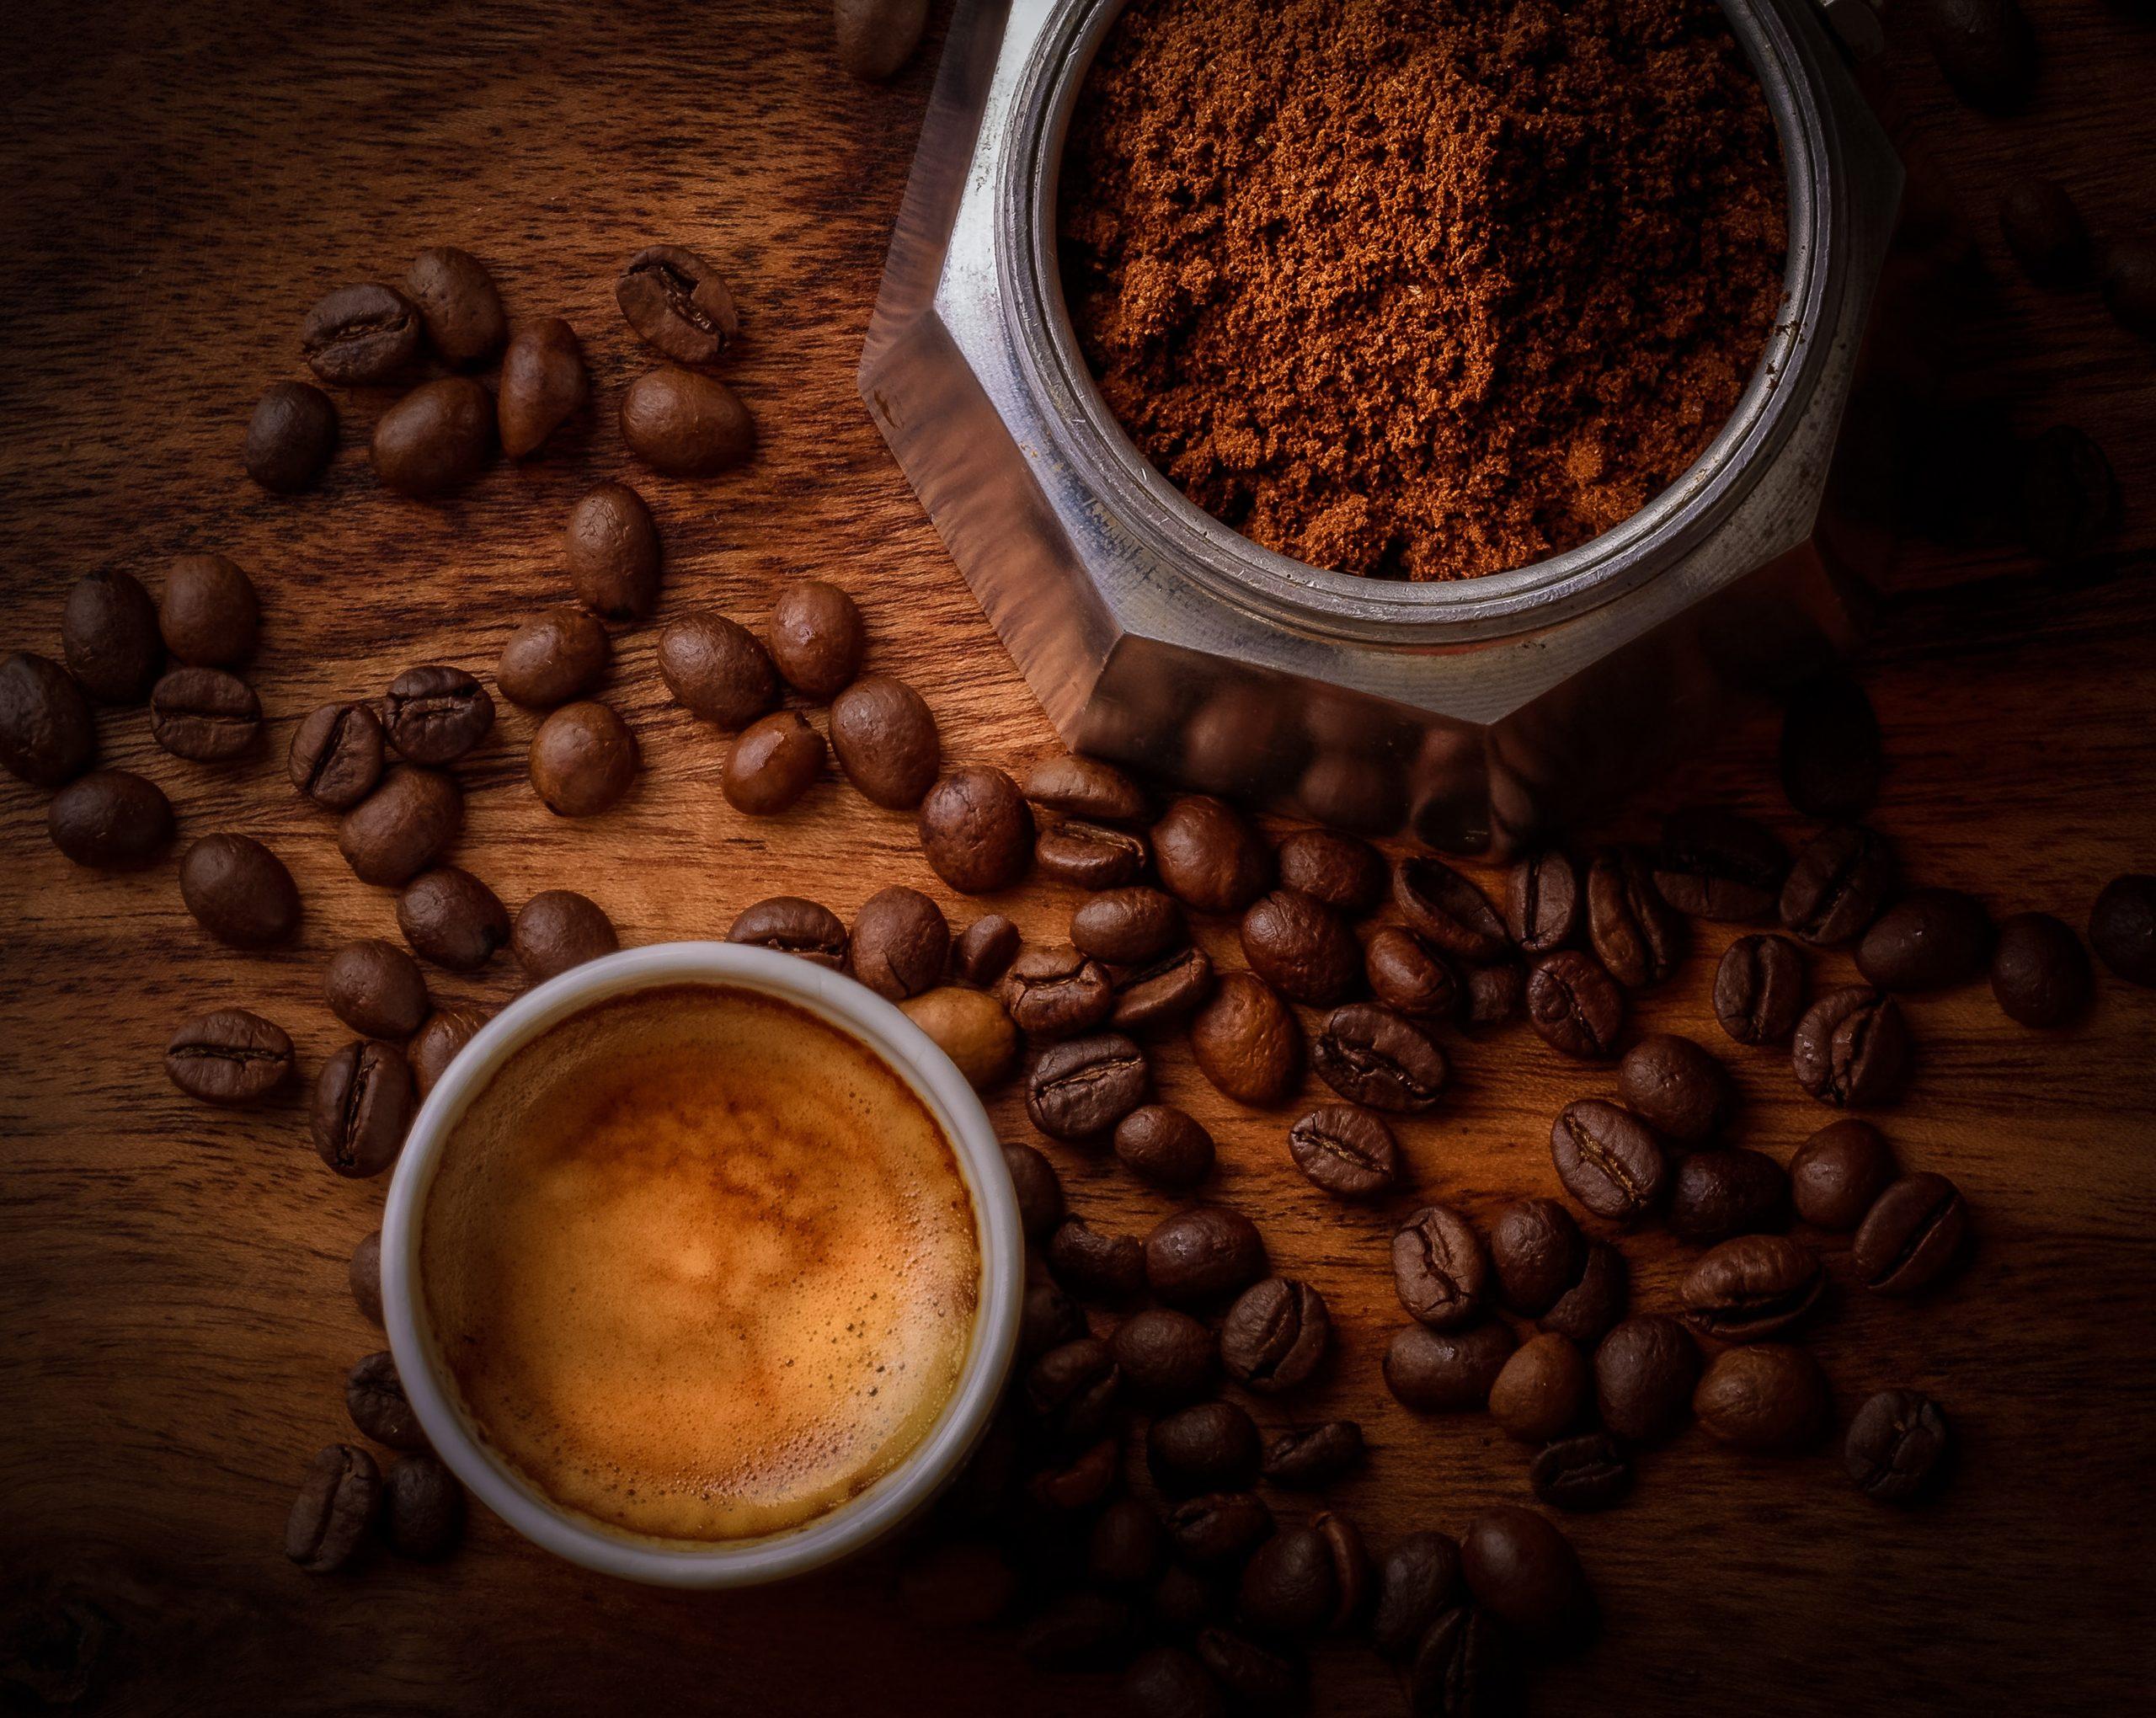 Bagamana orang diabetes minum kopi?